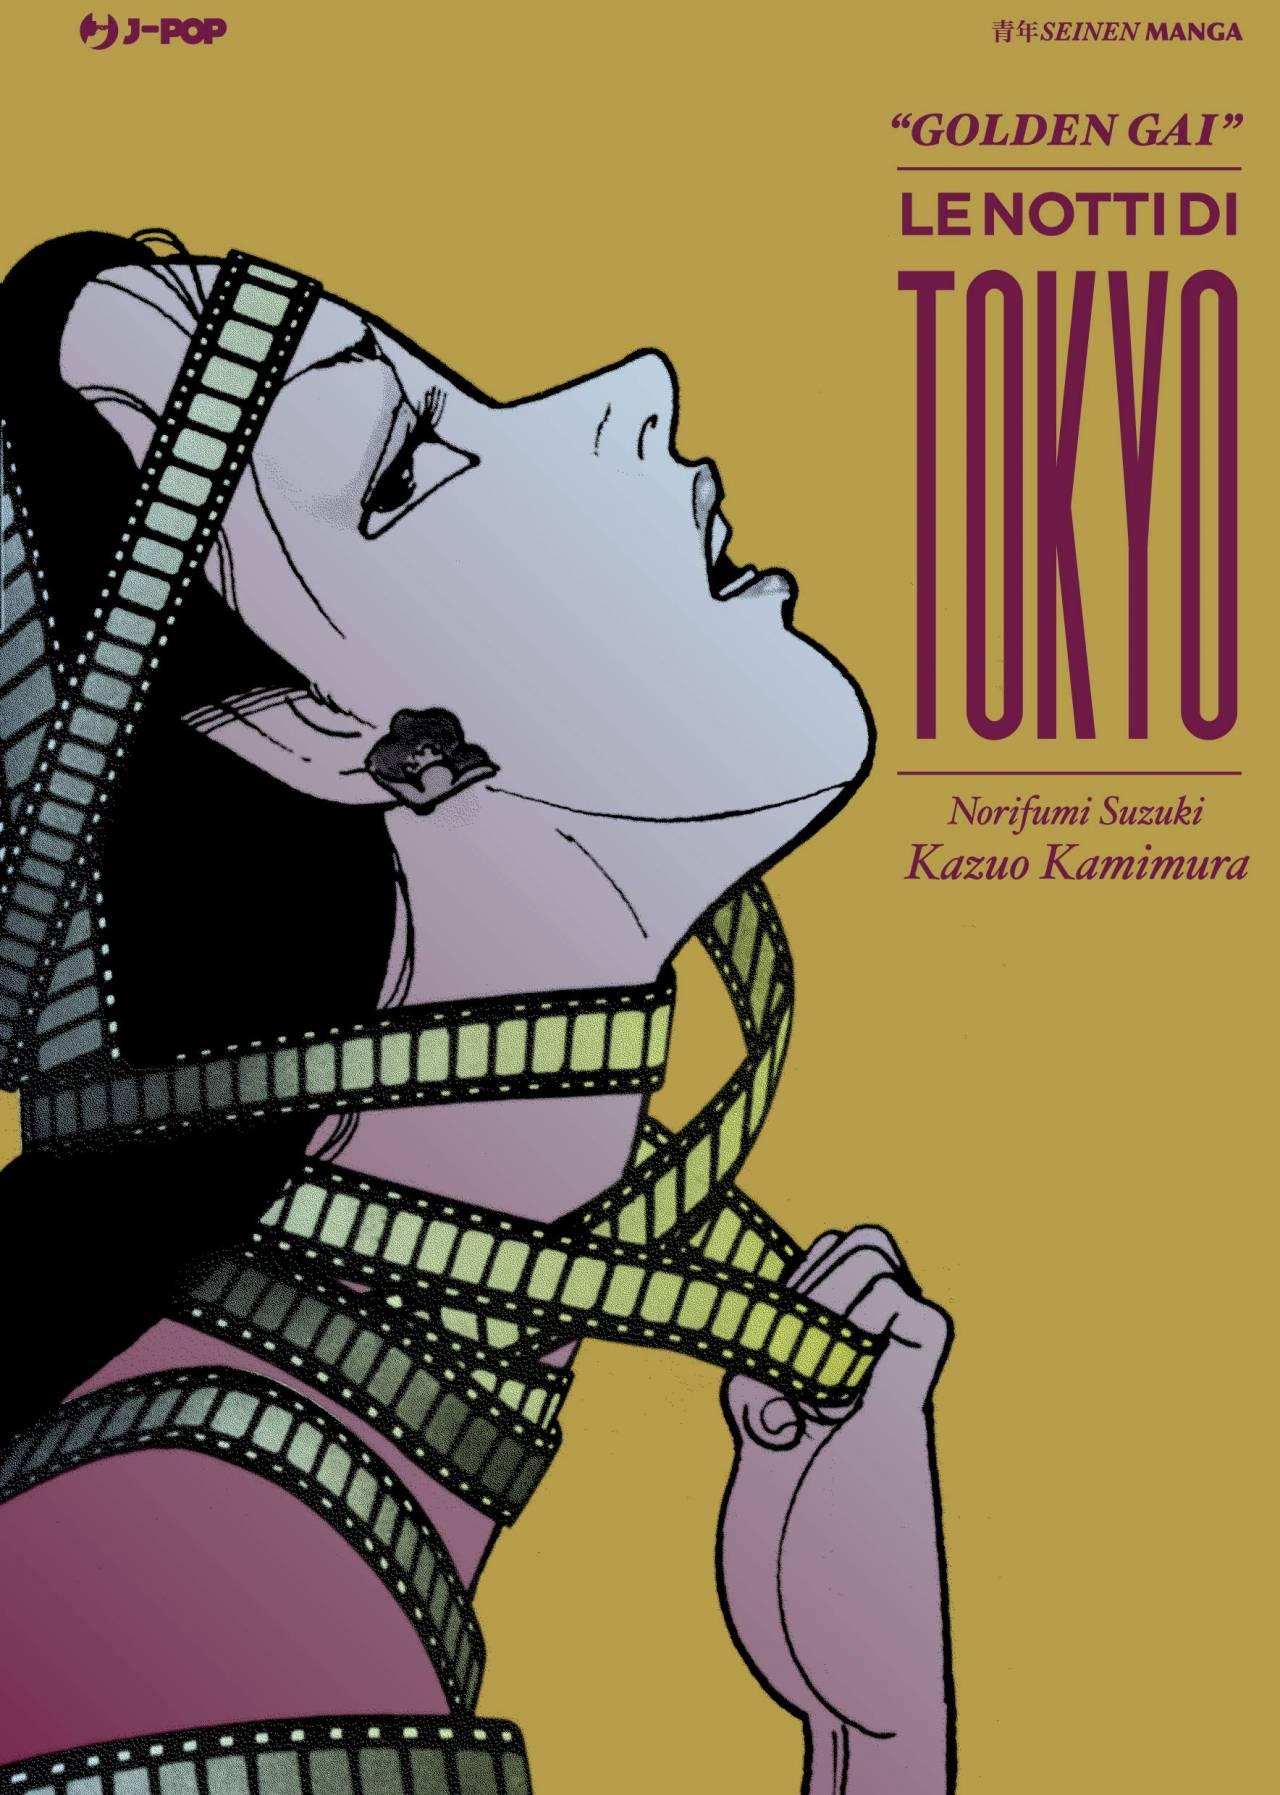 Le Notti di Tokyo - Golden Gai di Kazuo Kamimura | Recensione